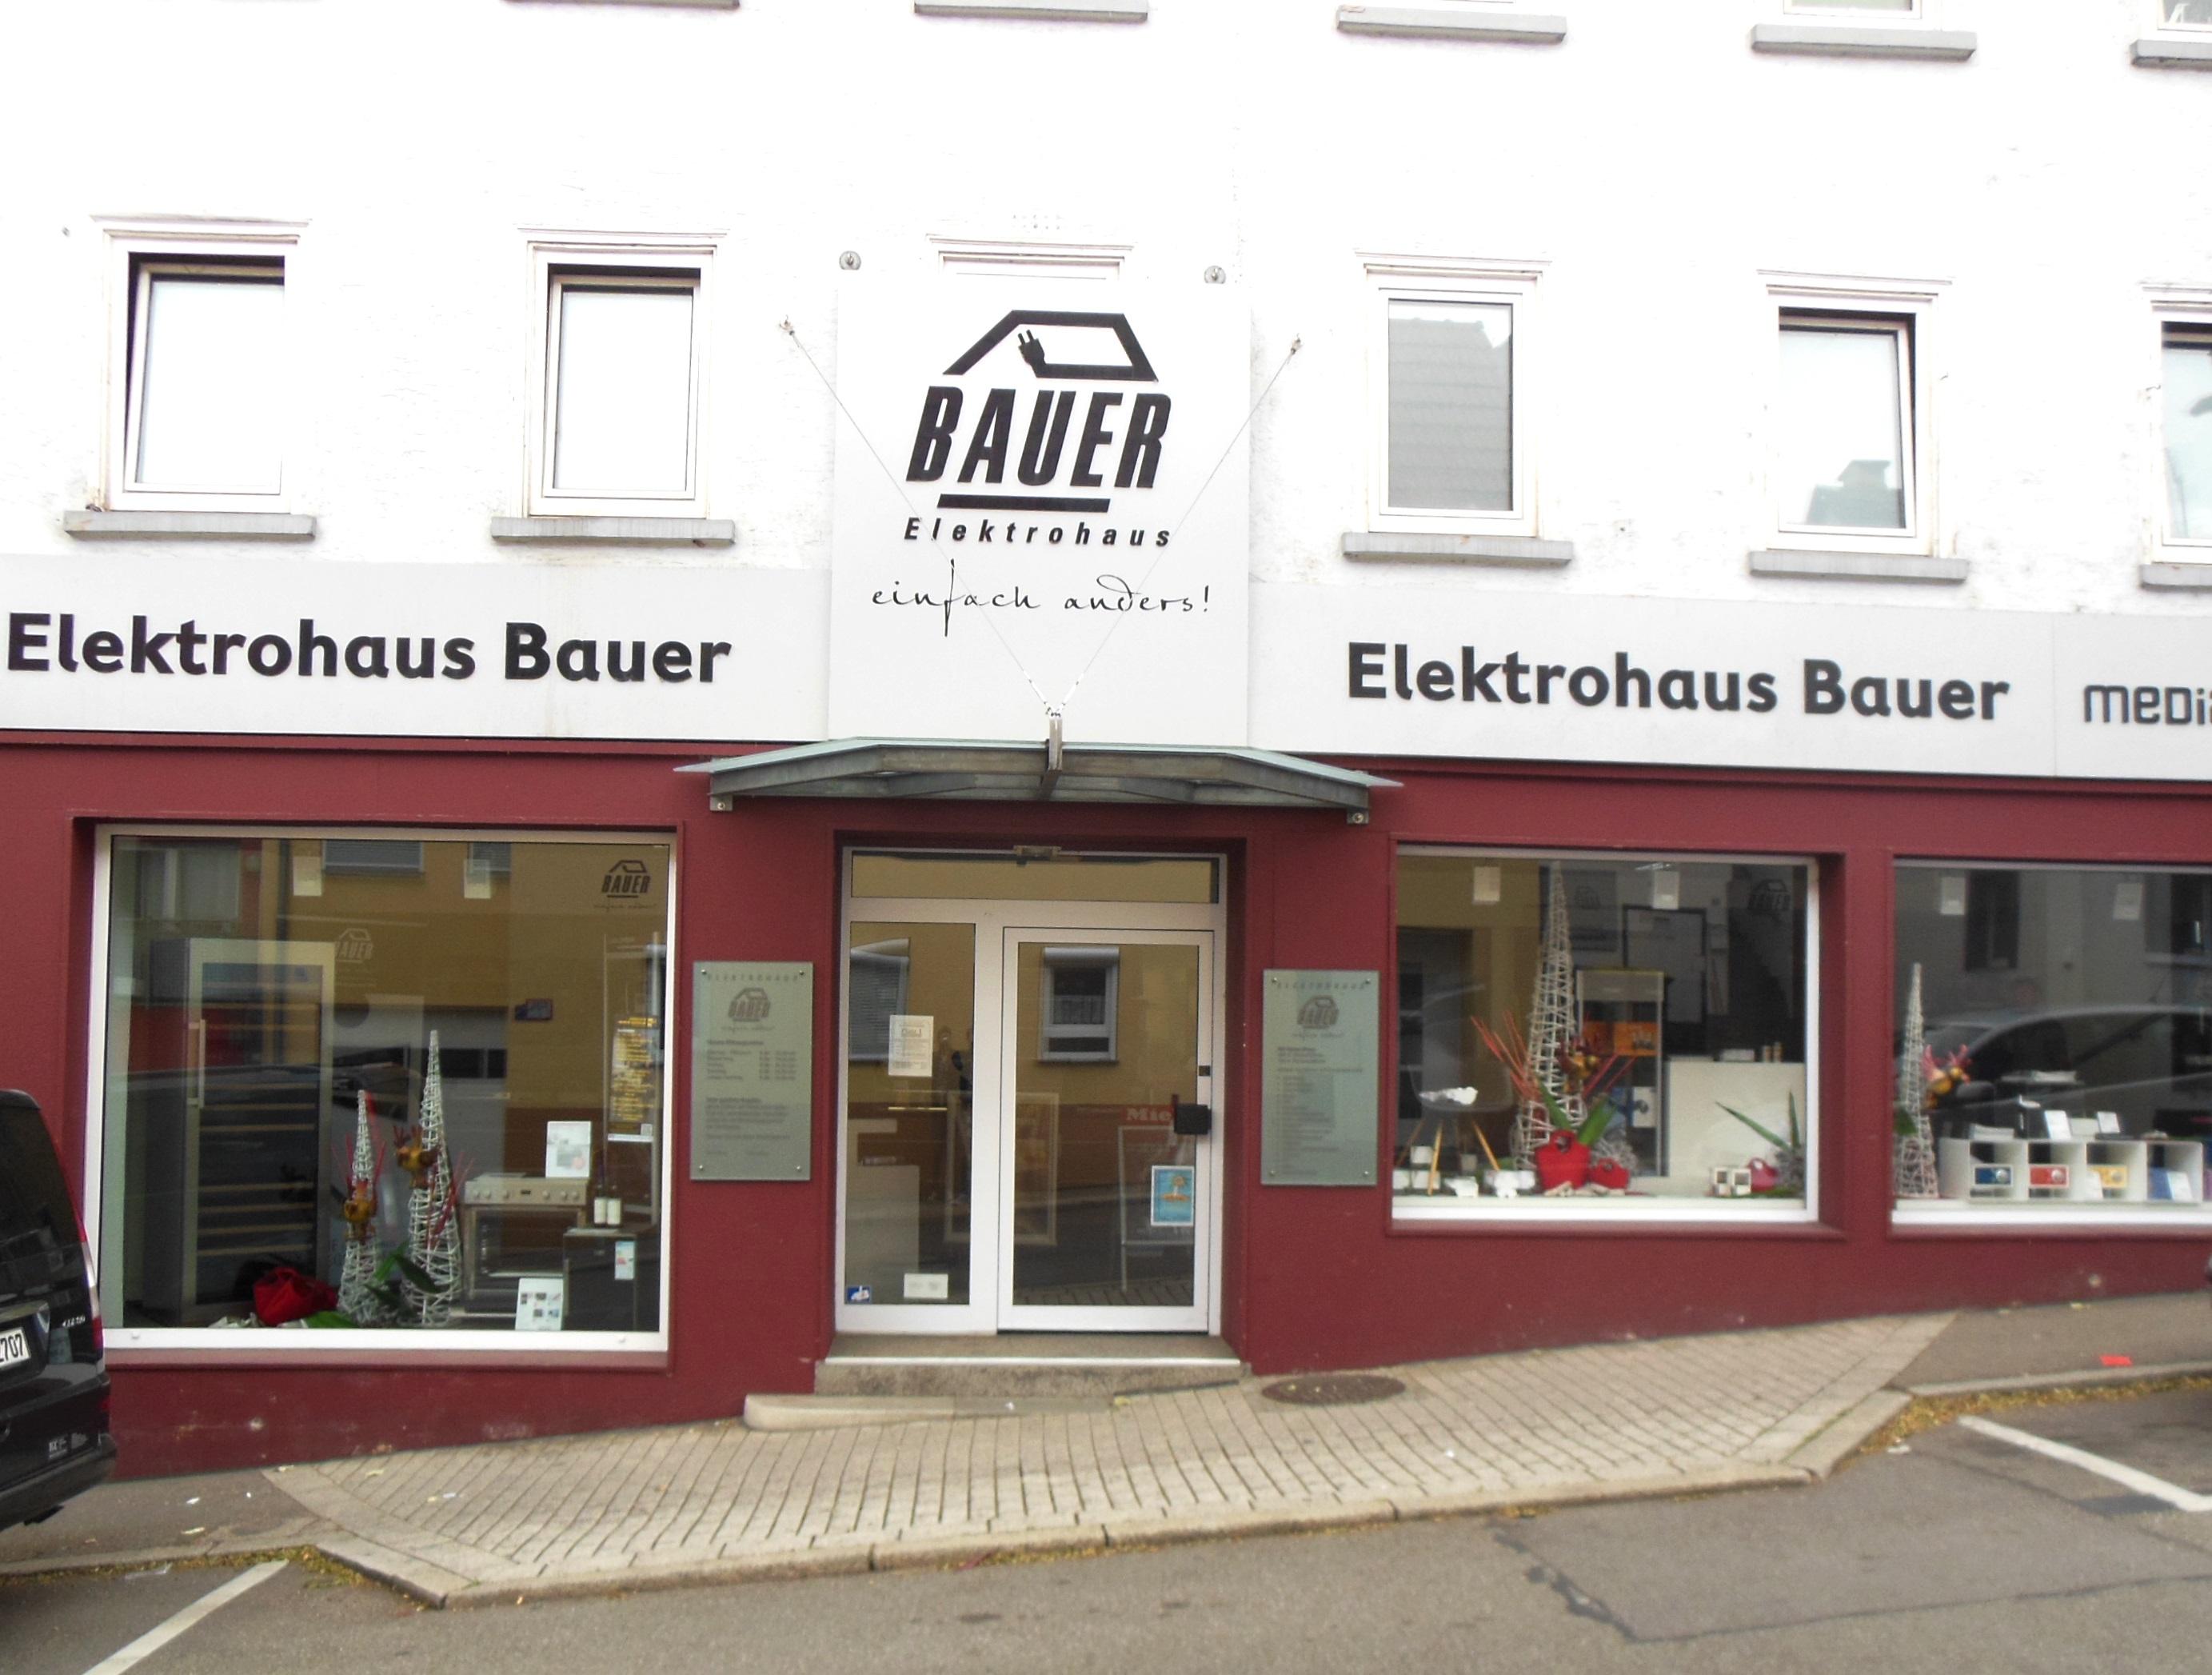 Elektrohaus Bauer Gebaeude